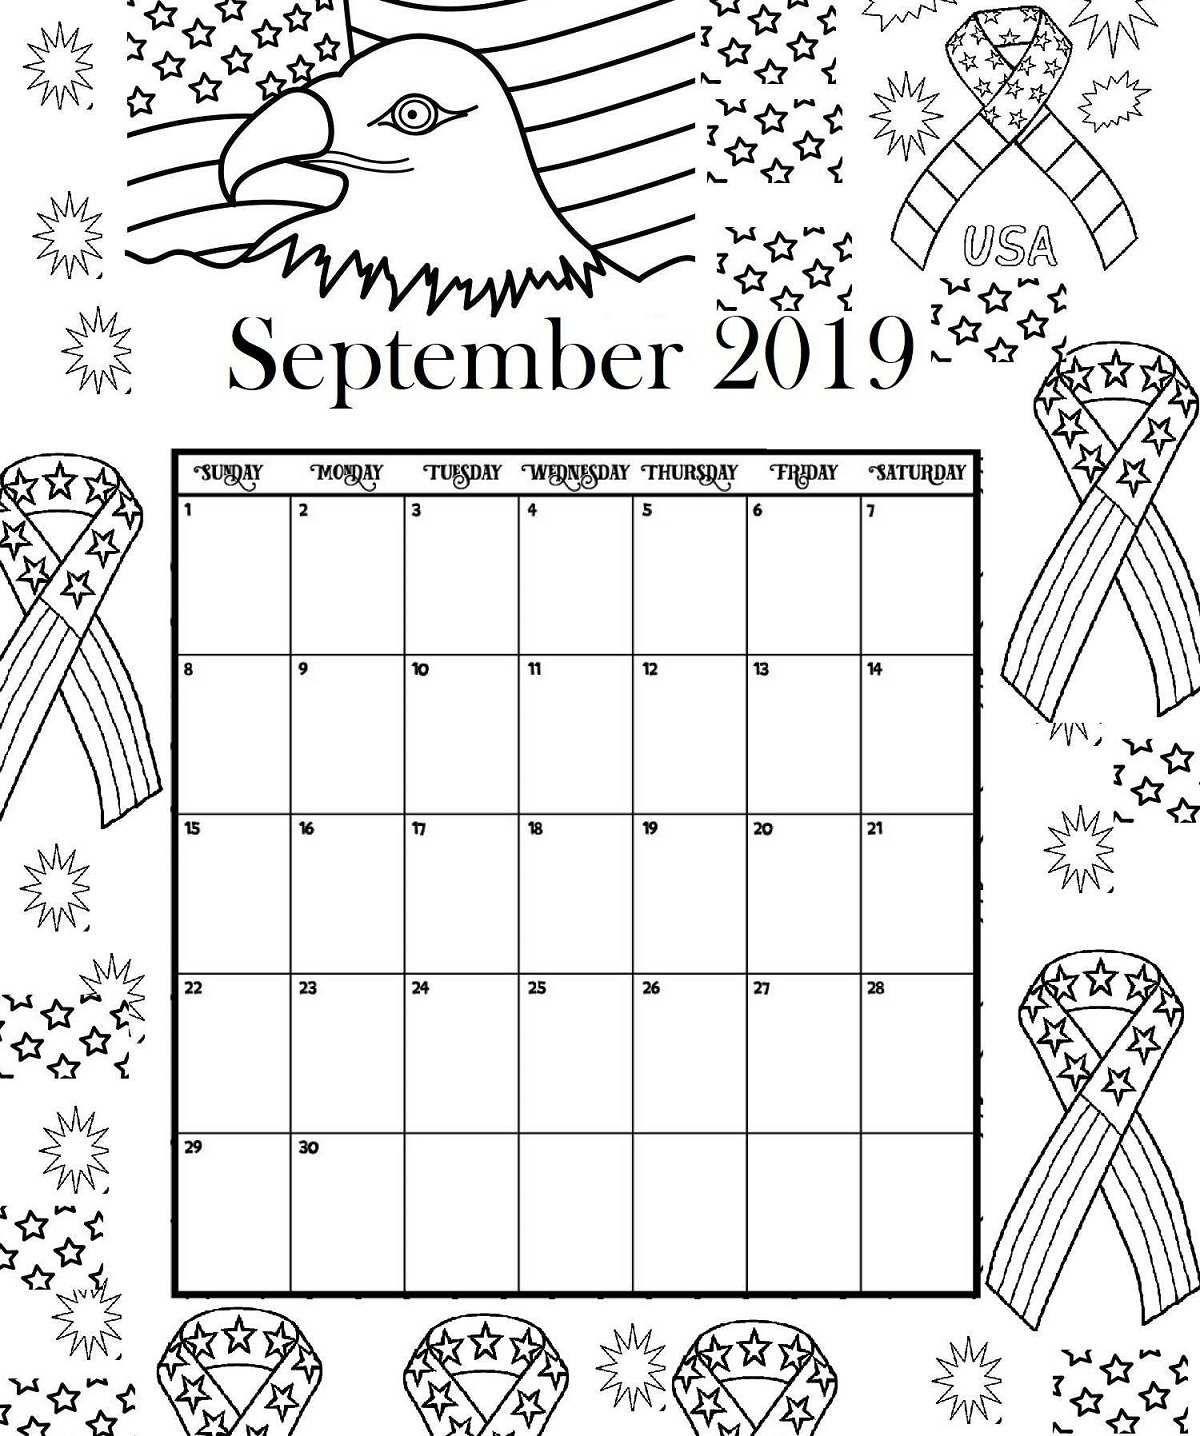 September Printable Coloring Calendar 2019 Calendar